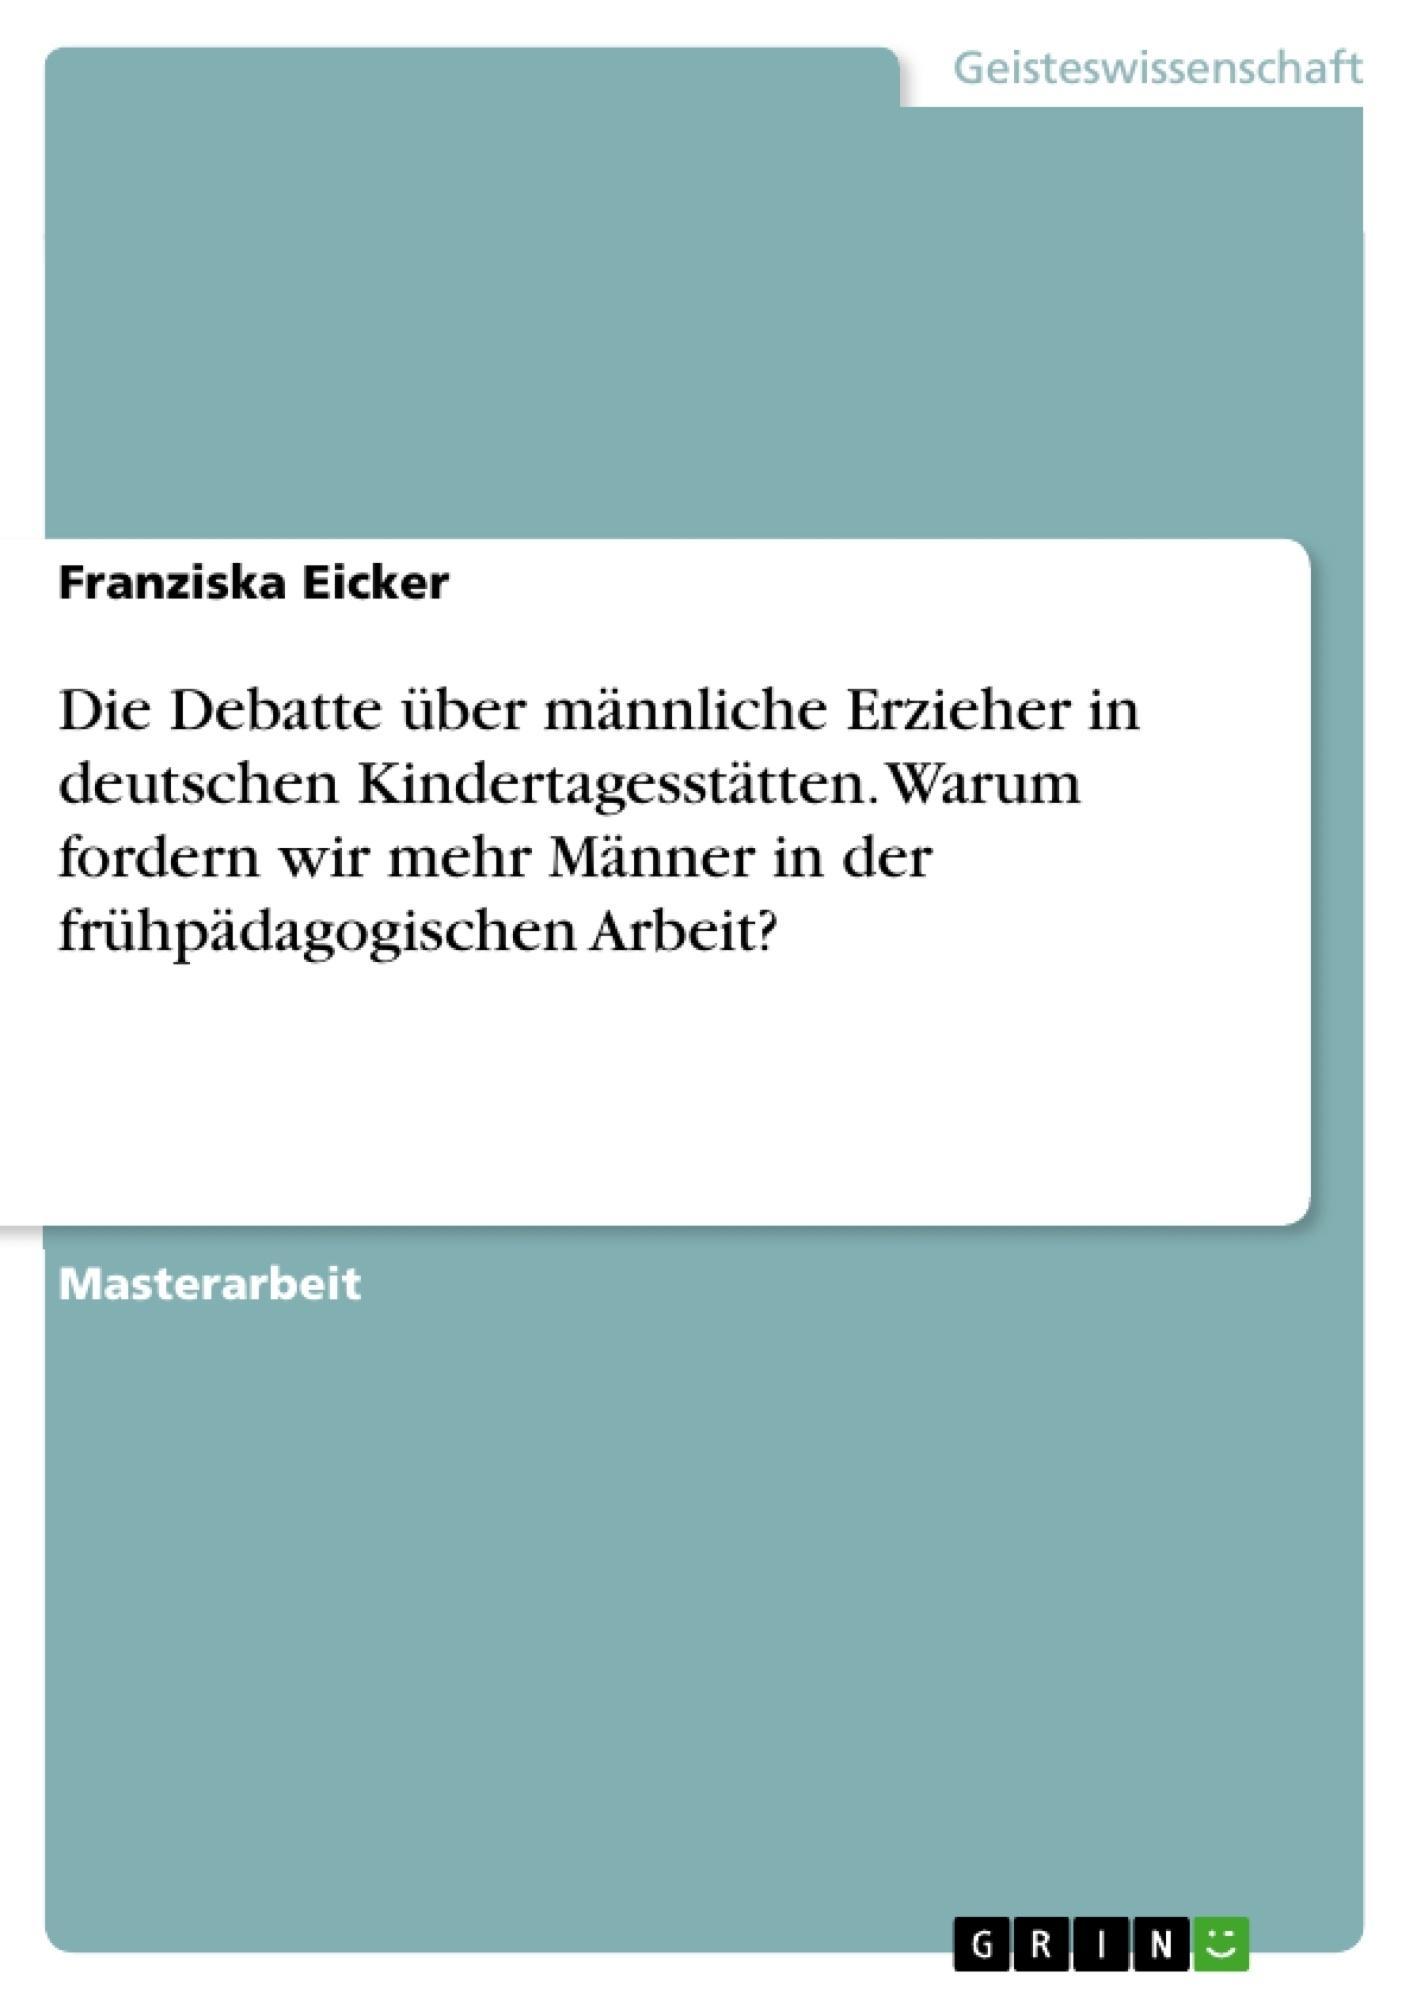 Titel: Die Debatte über männliche Erzieher in deutschen Kindertagesstätten. Warum fordern wir mehr Männer in der frühpädagogischen Arbeit?